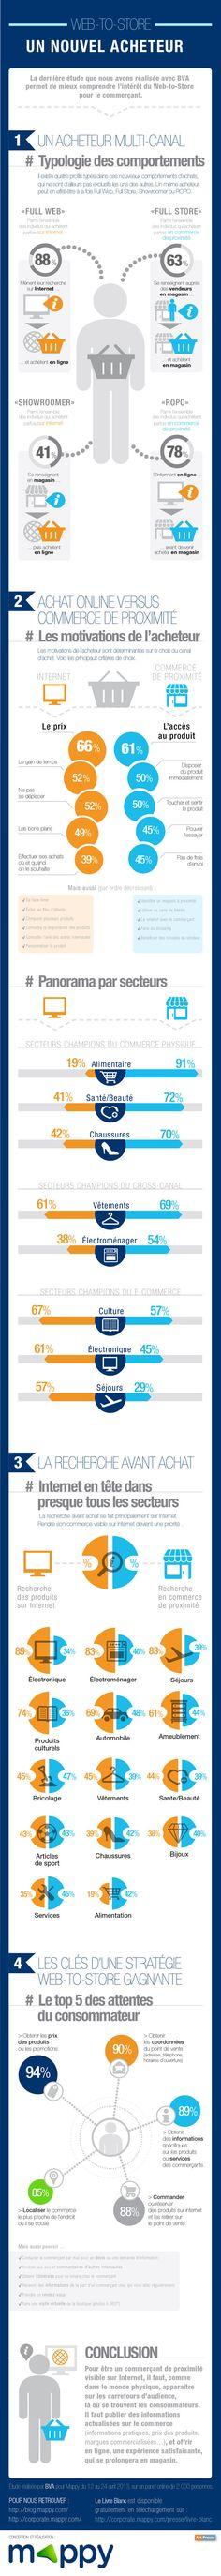 Infographie : Web-to-store, un nouvel acheteur